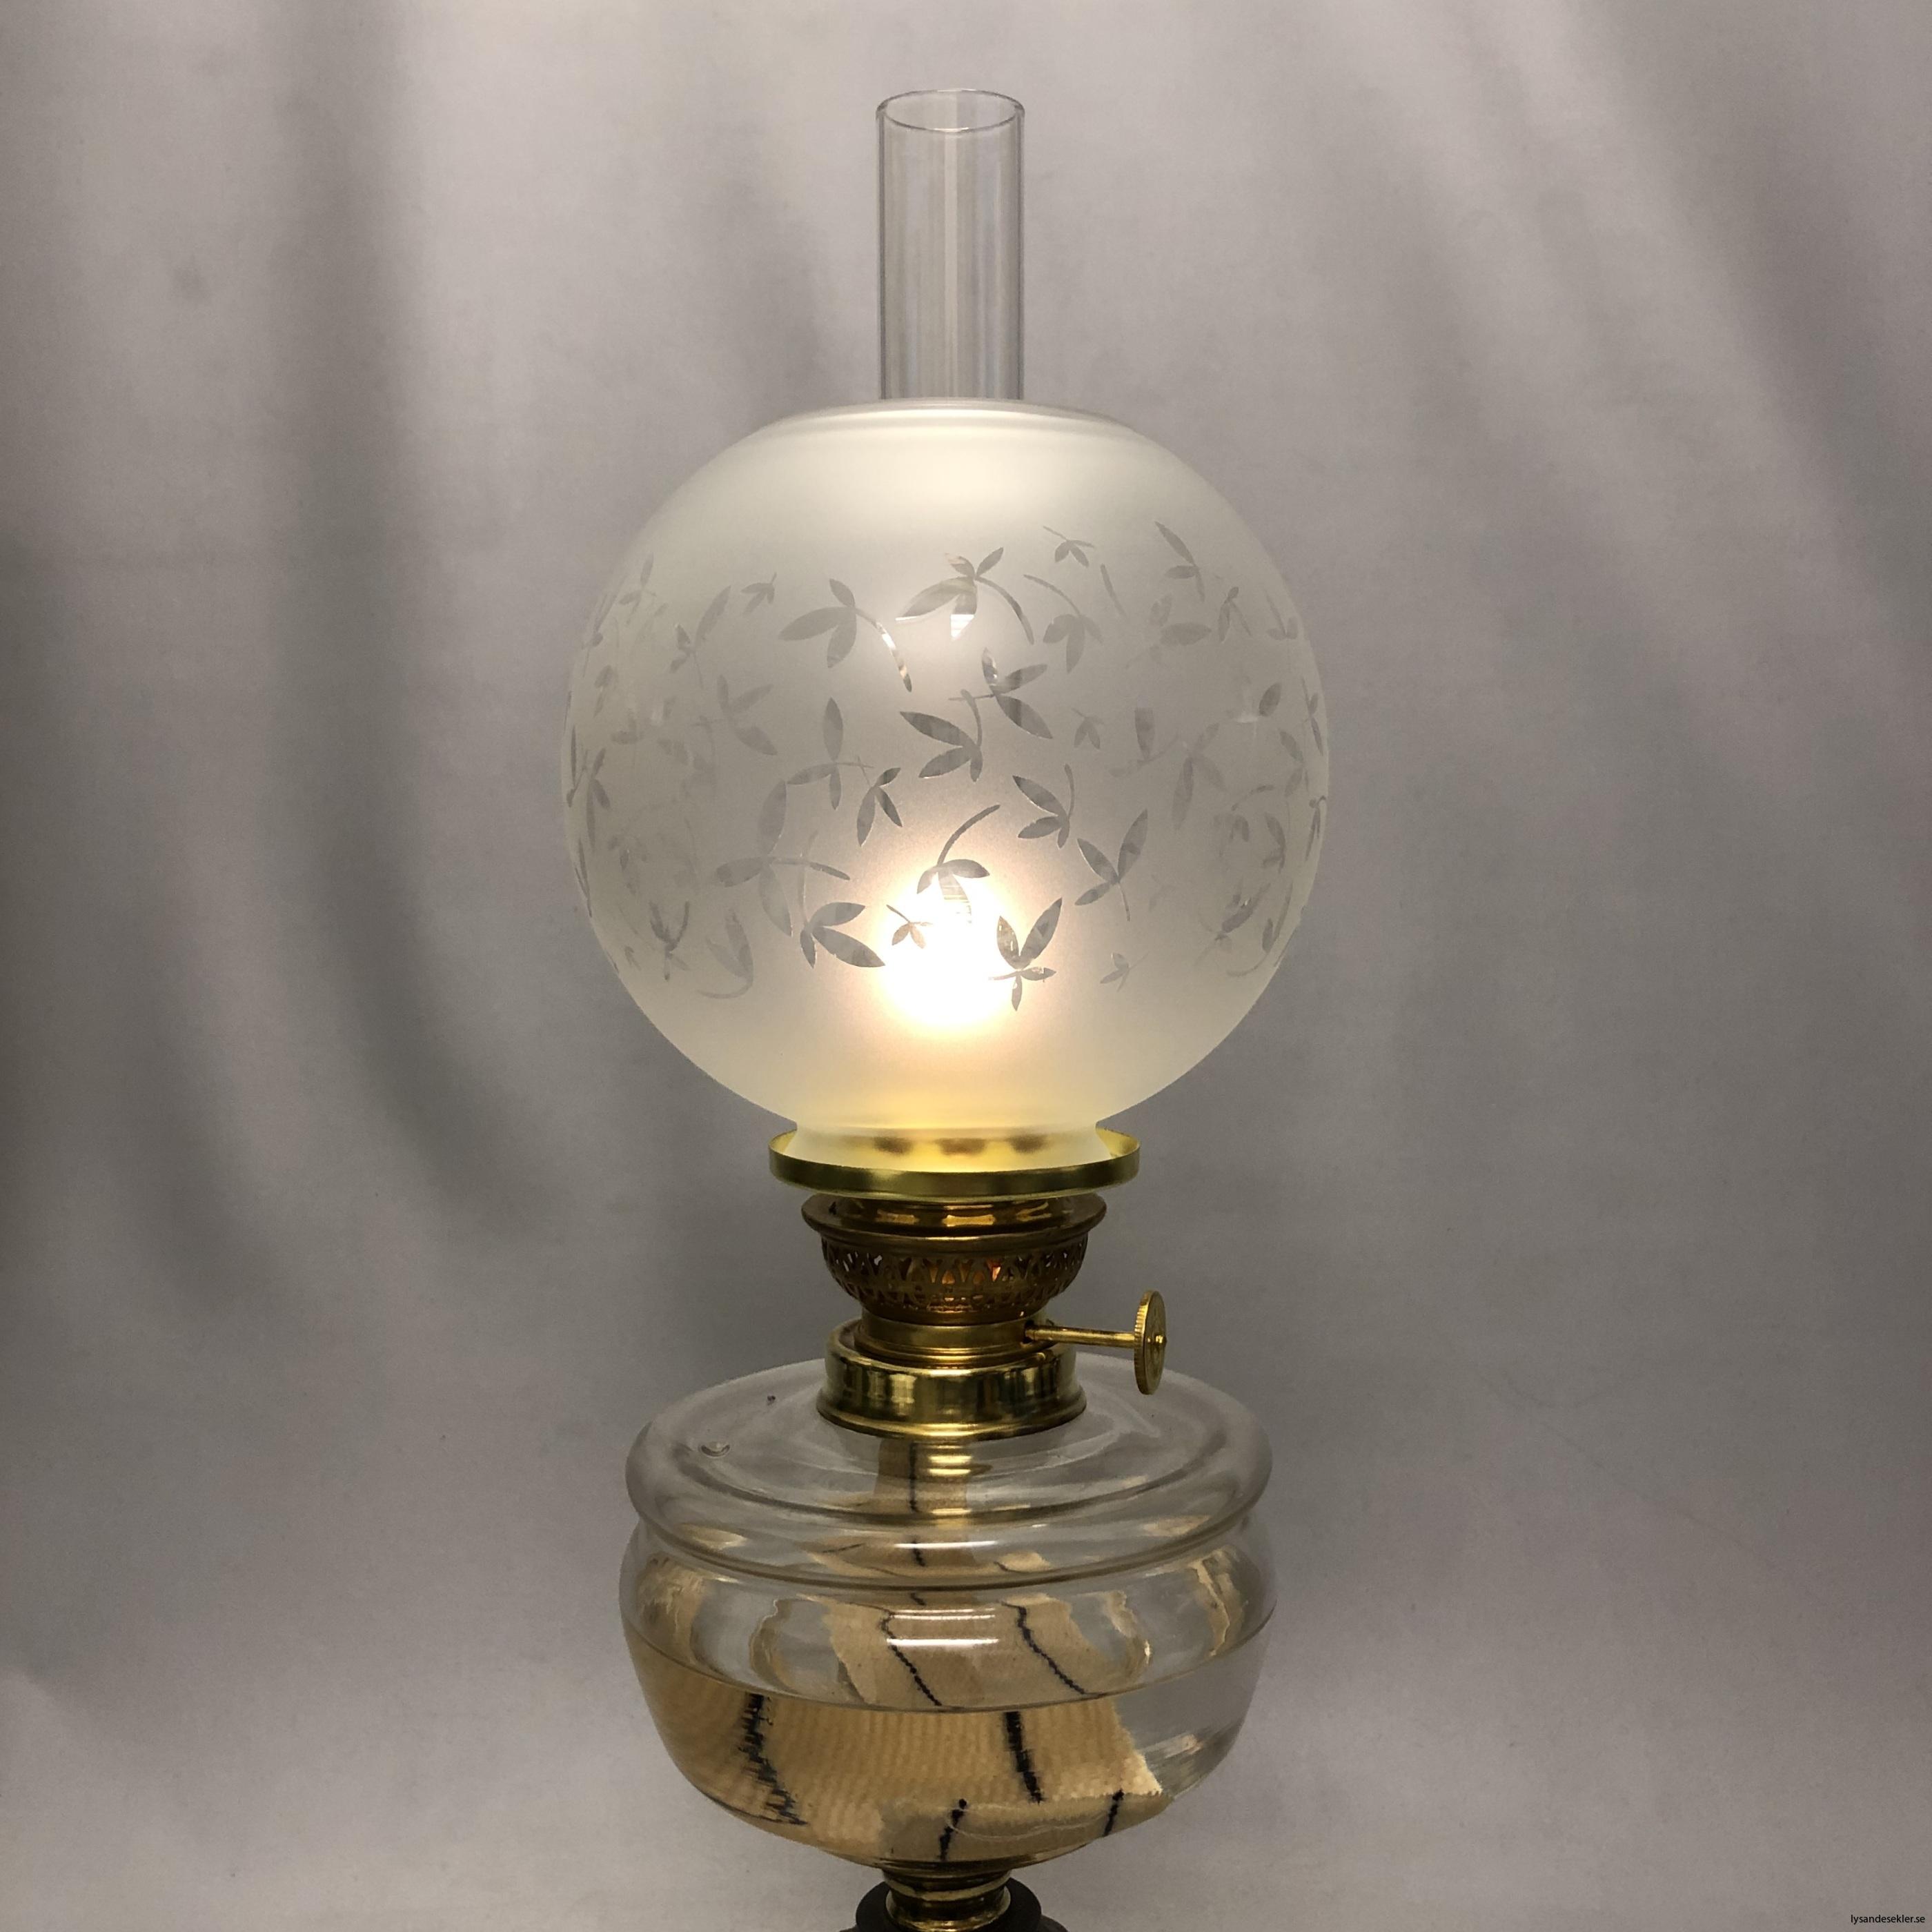 klotkupa liten frostad ornamenterad med blad3